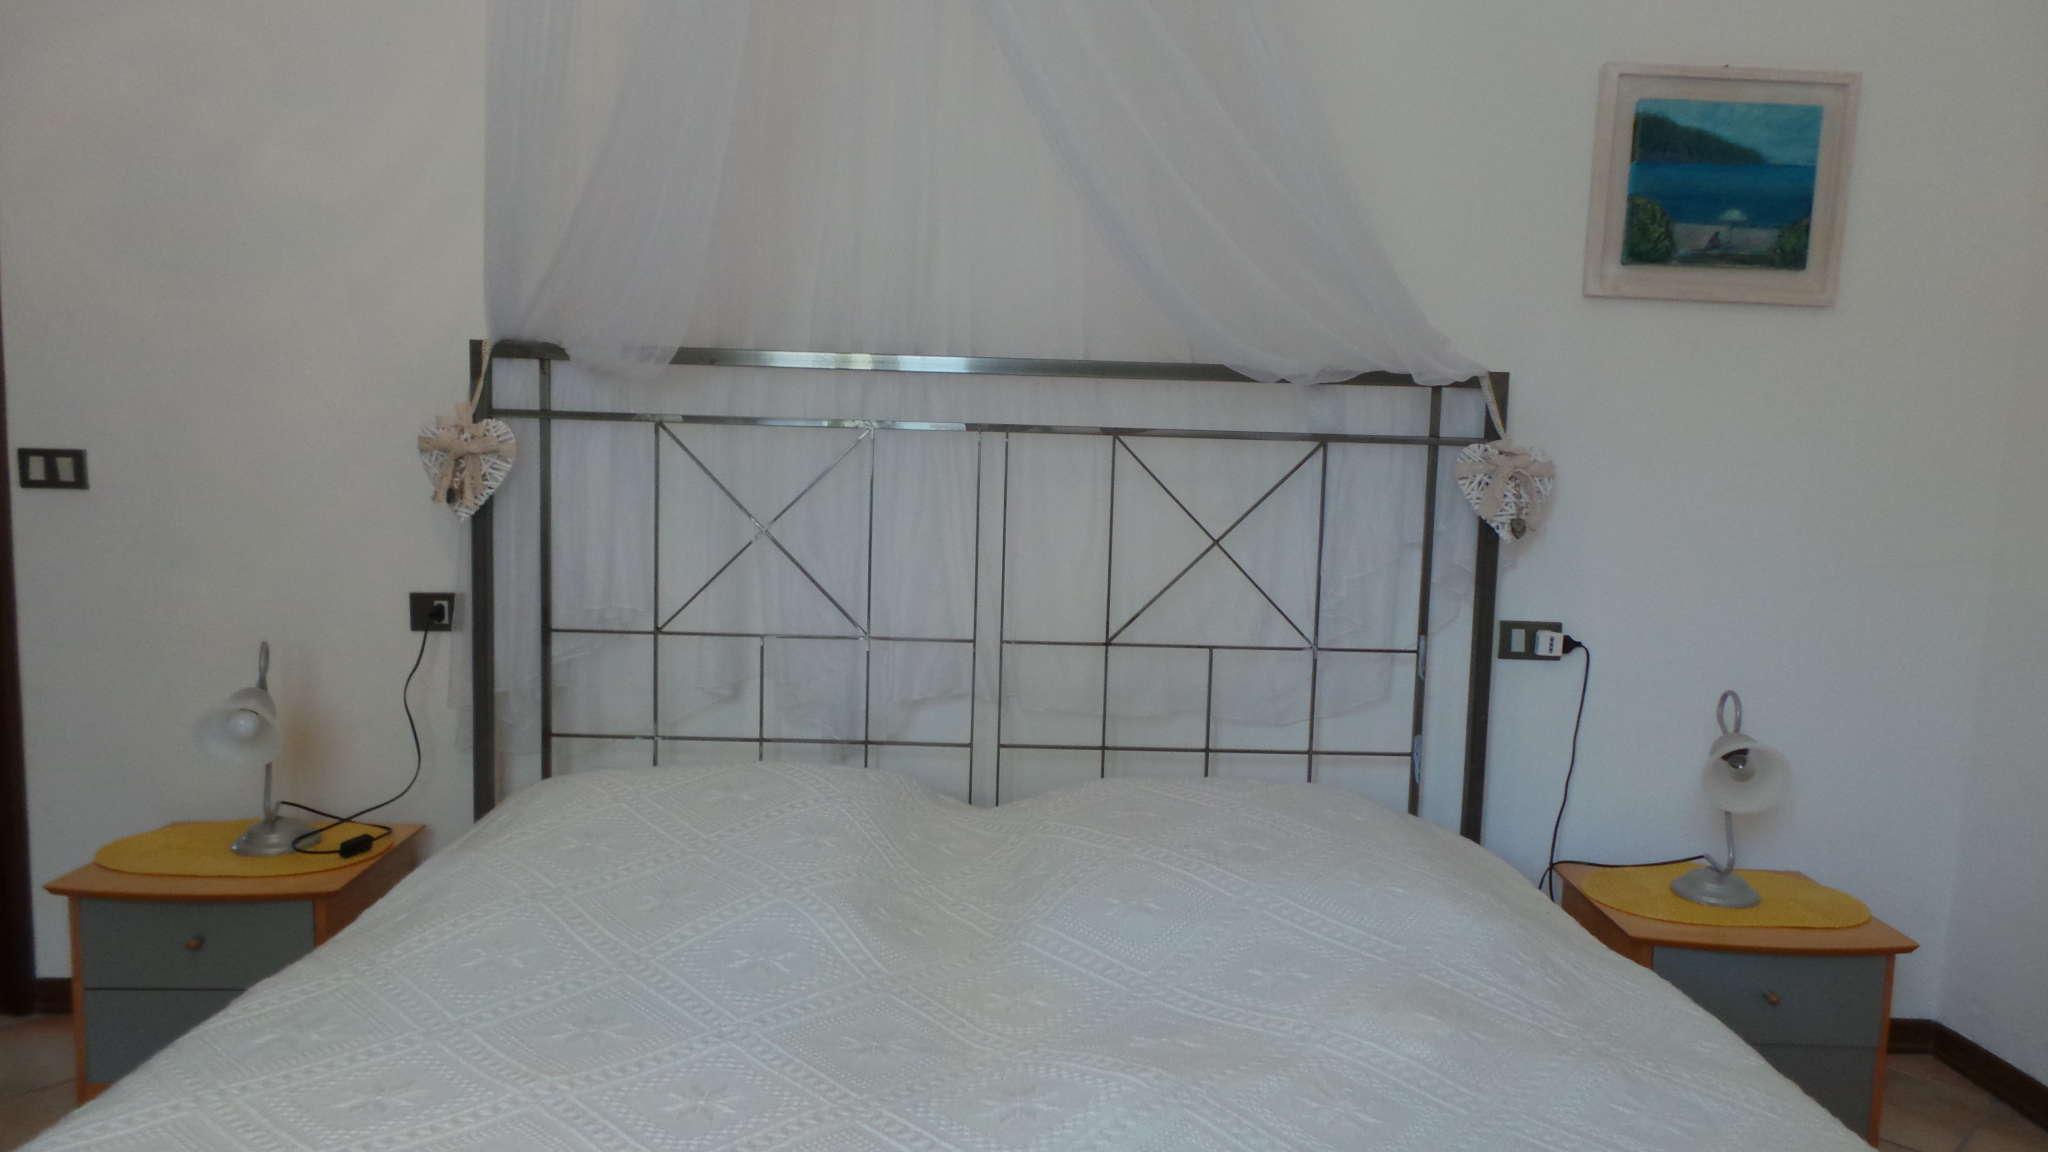 Bett 180 x 200cm, Matratze durchgehend